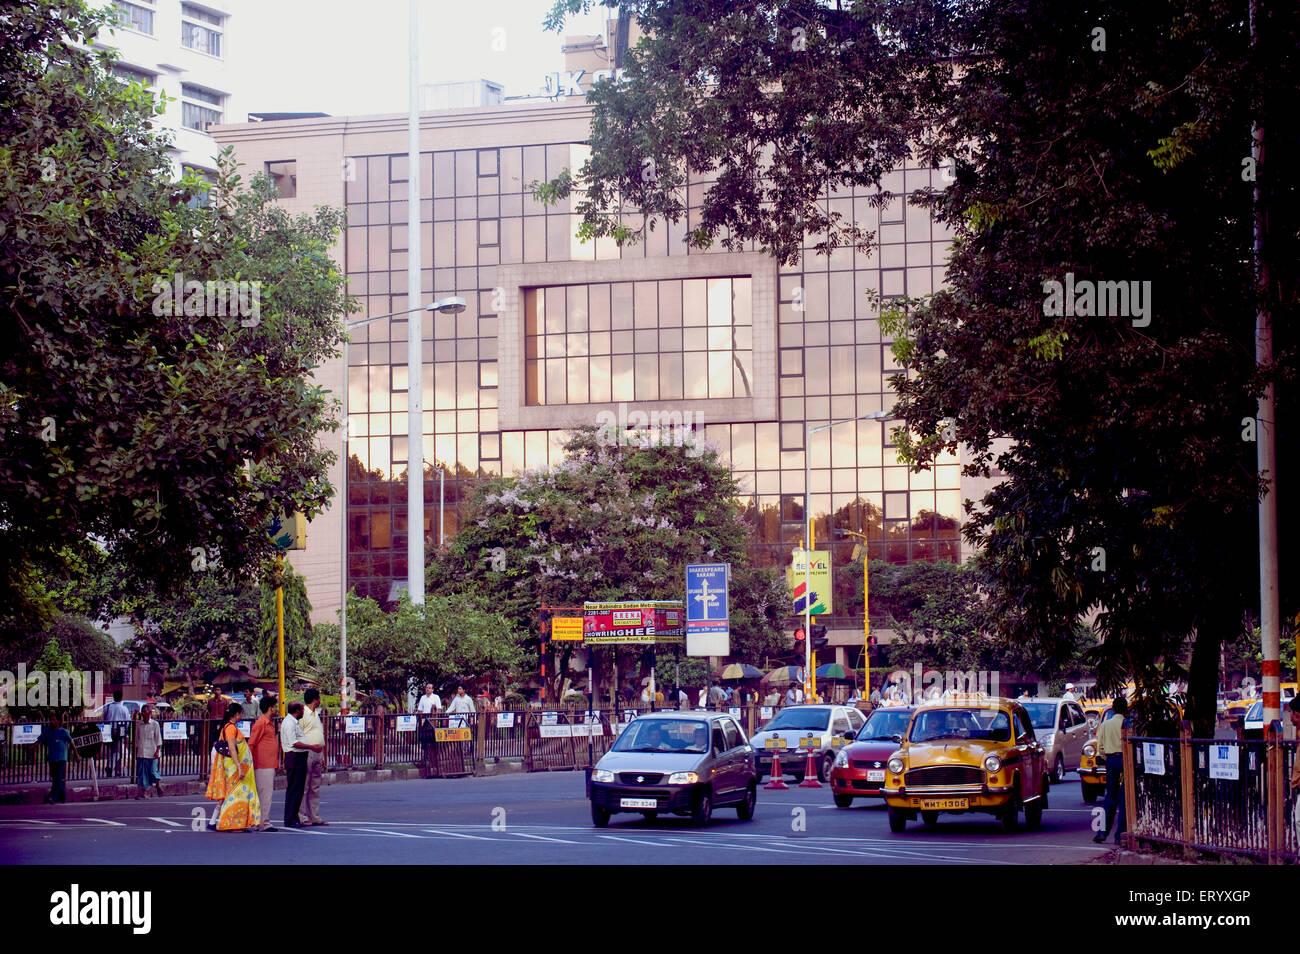 Scena di traffico ; cittadino il park ; Kolkata Calcutta ; Bengala Occidentale ; India Immagini Stock